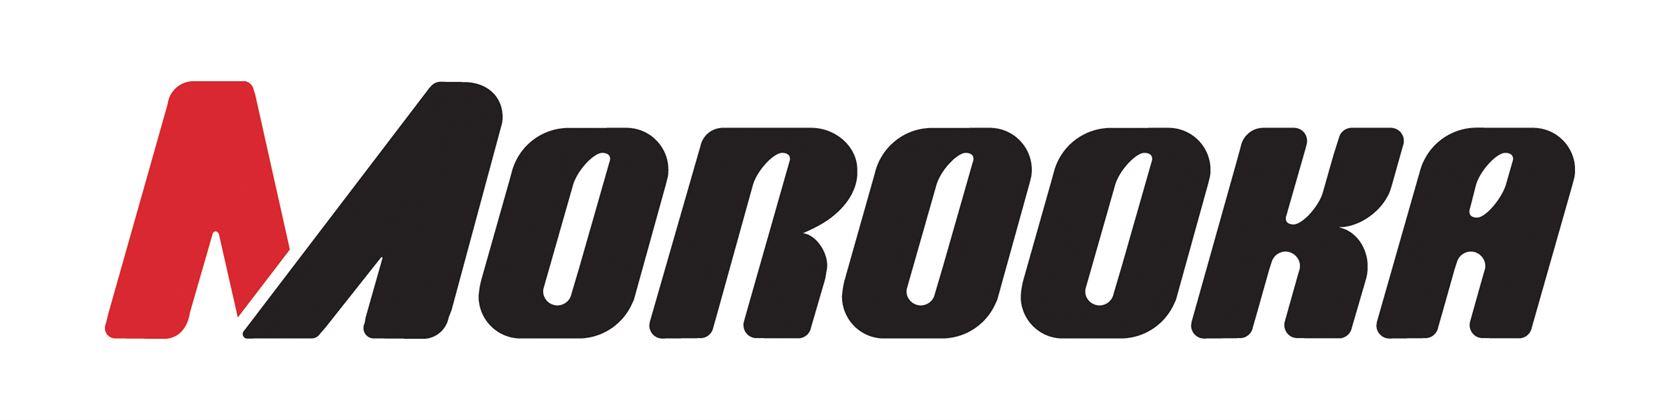 Morooka® - Aftermarket Tracks